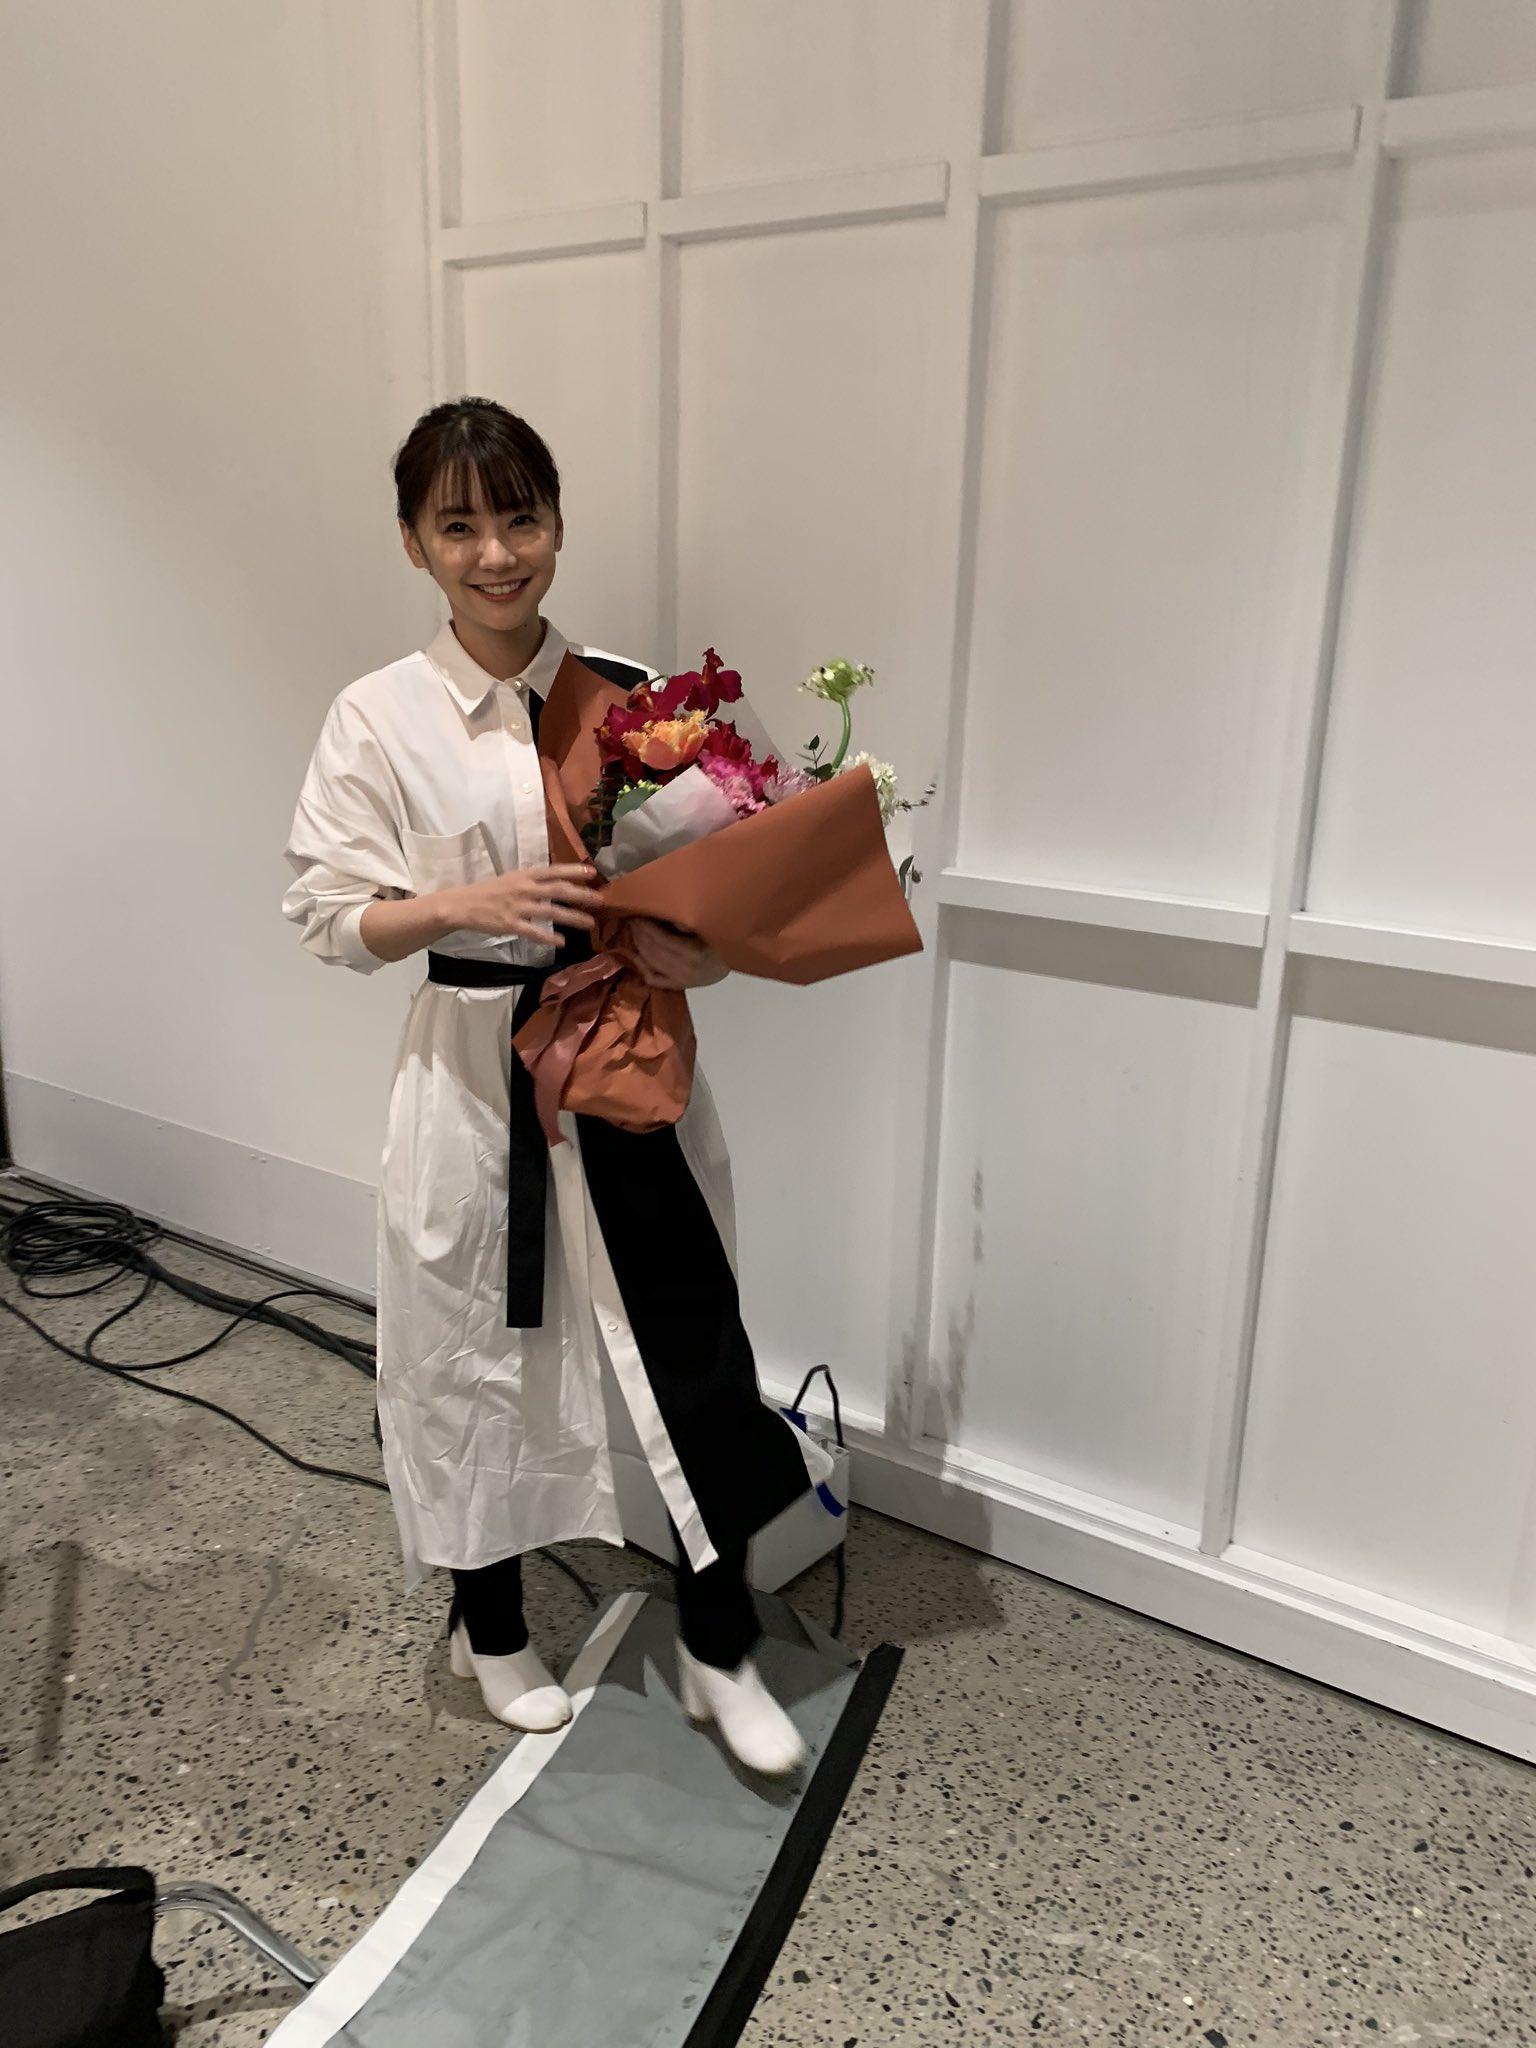 倉科カナ マネージャー on Twitter